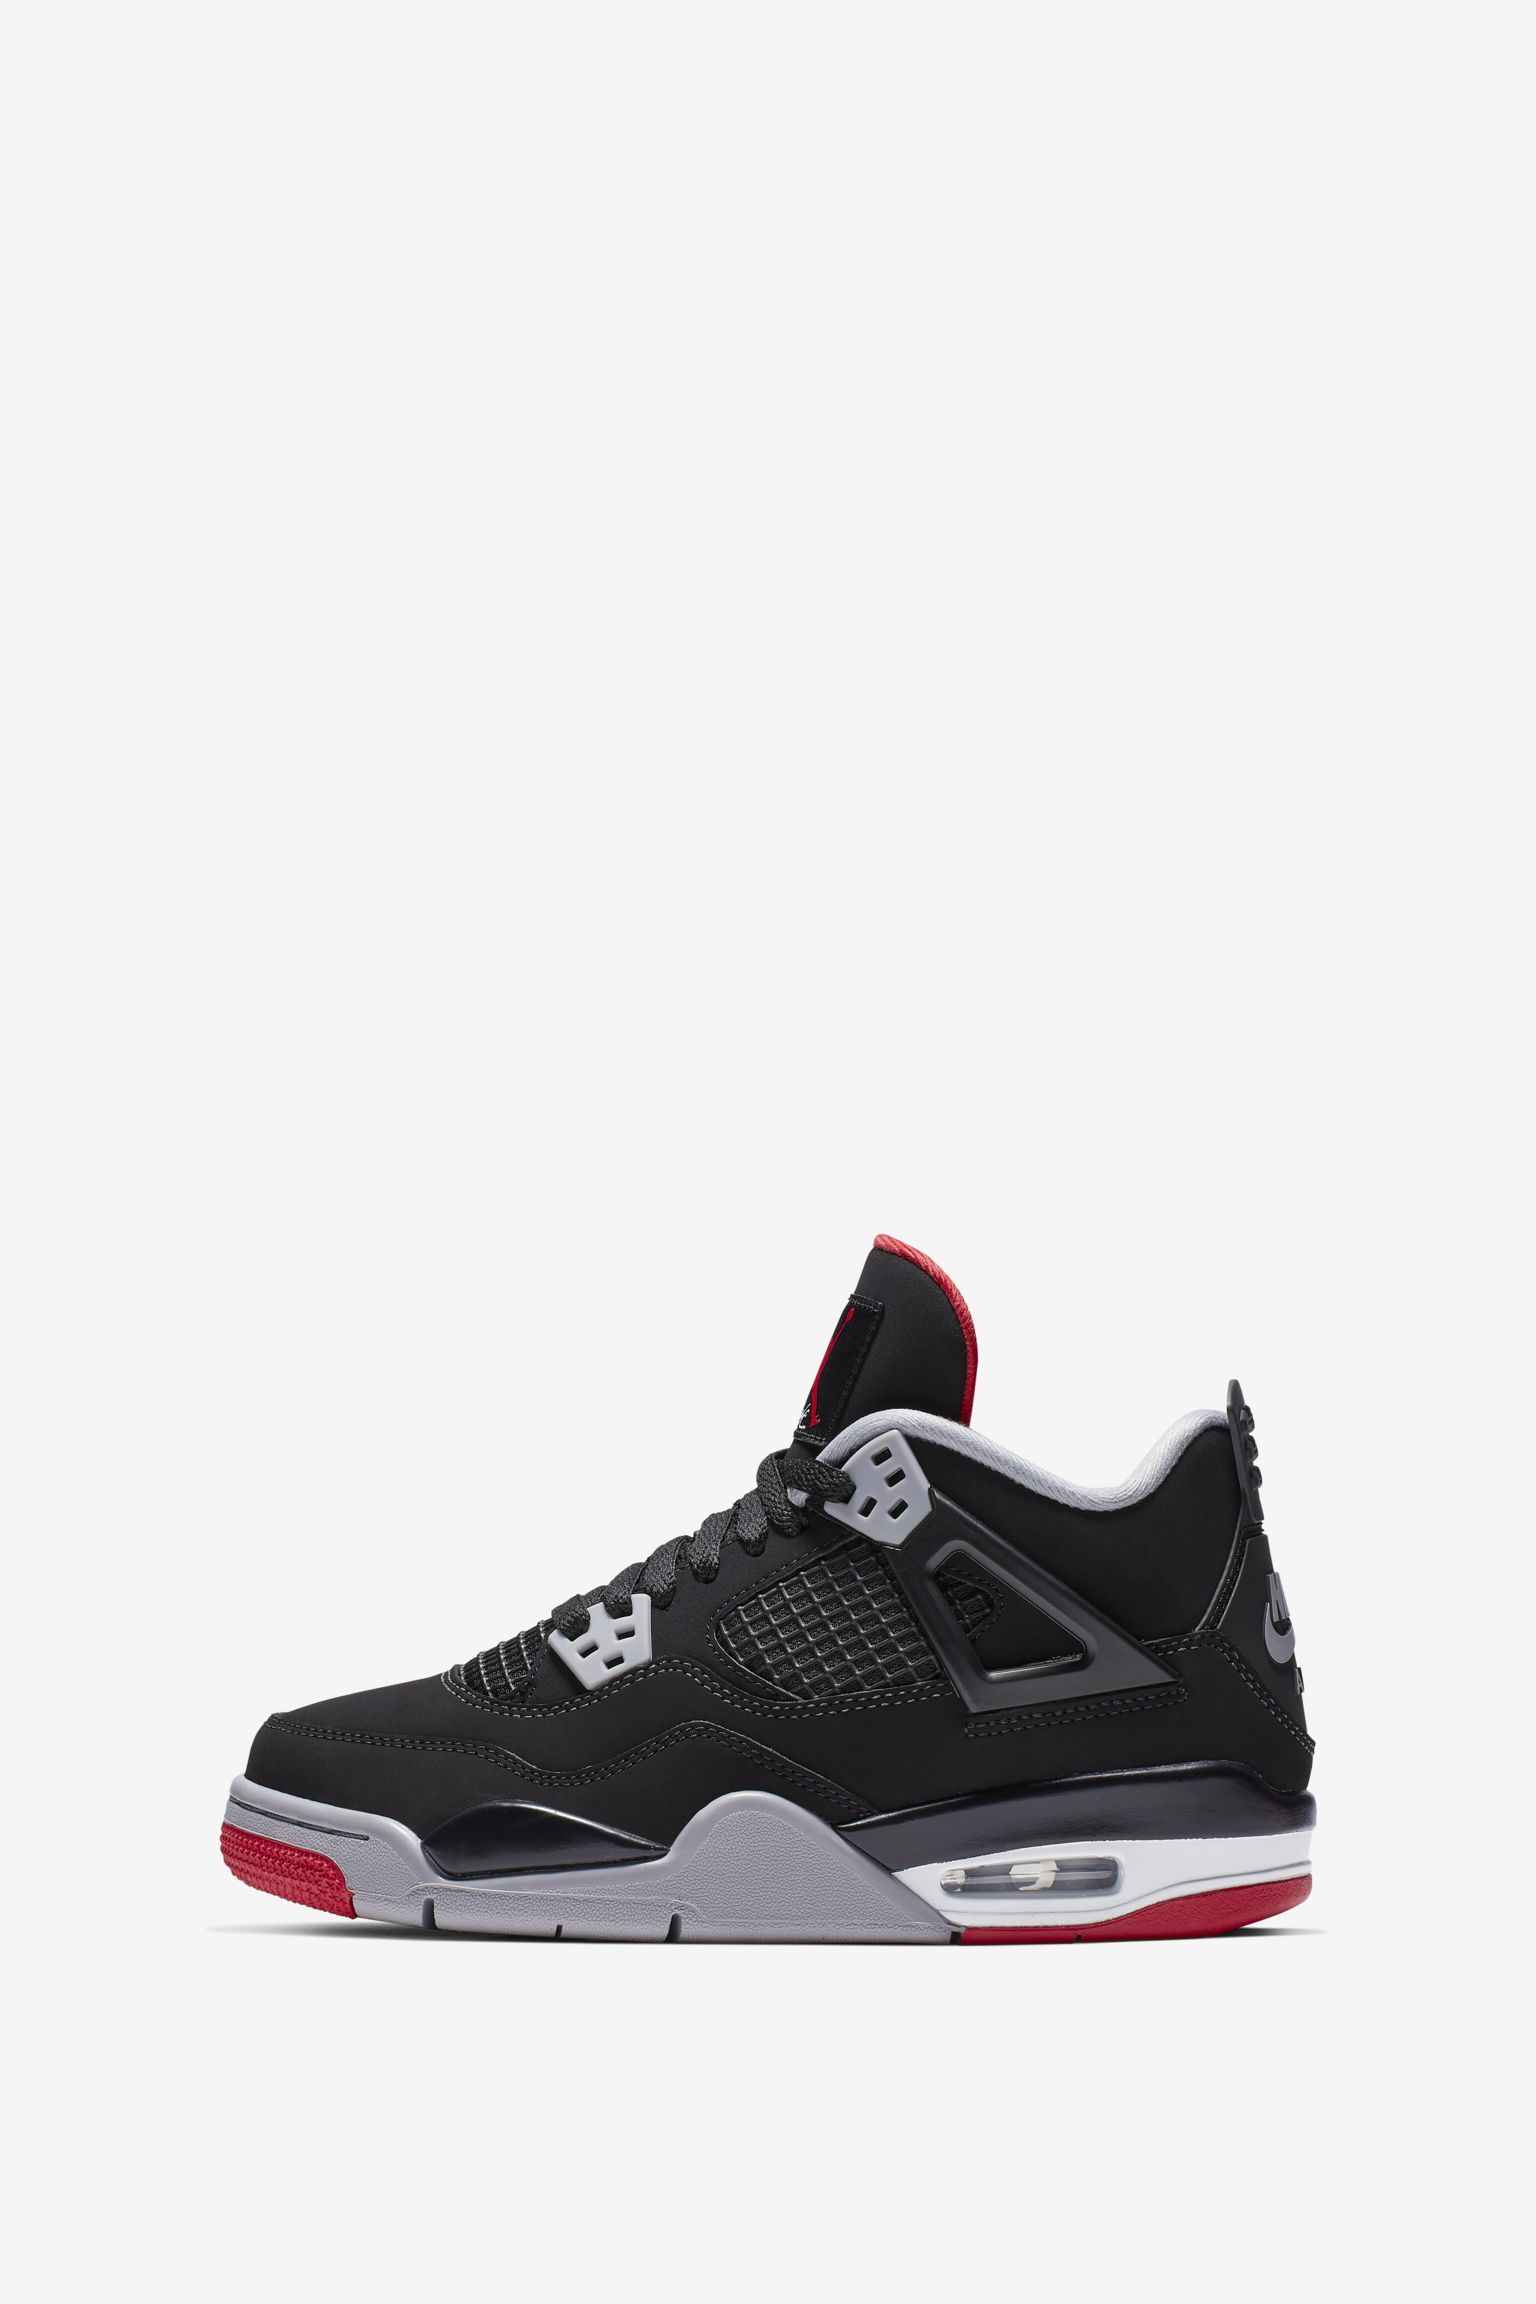 Nike Air Jordan 4 Retro Og Bred Release Date Air Jordan 4 Bred Original Air Jordans Air Jordans